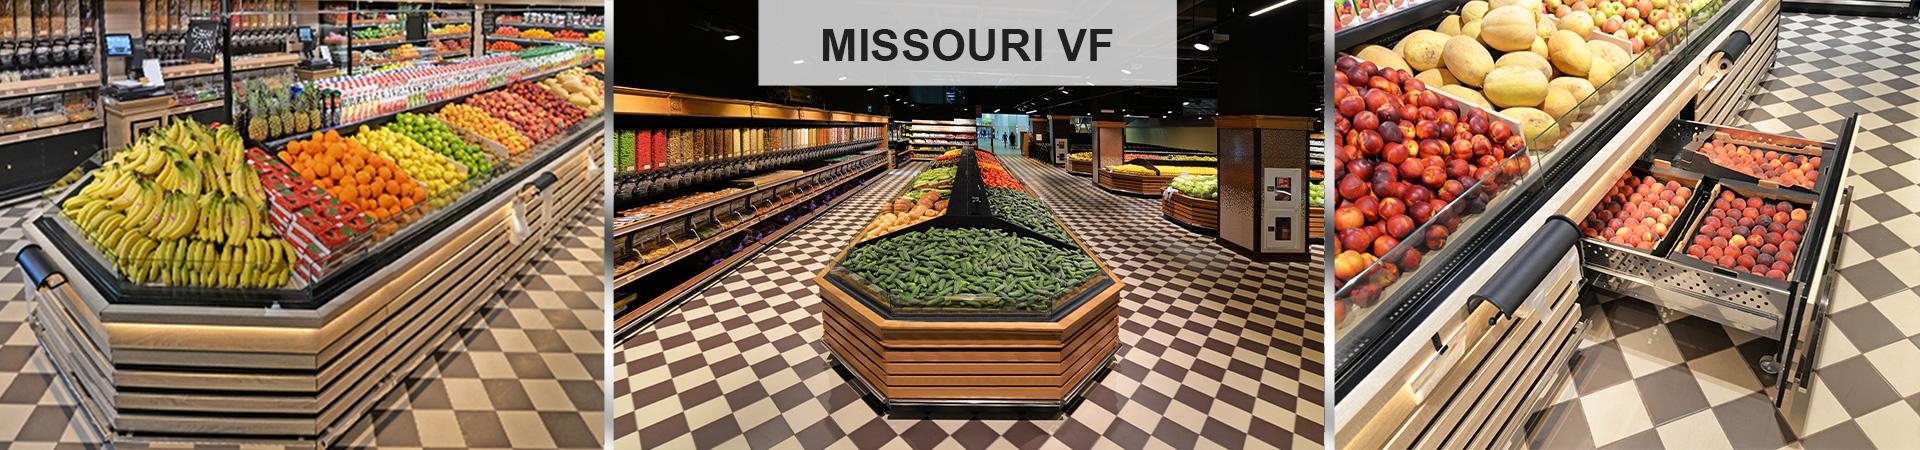 Спеціалізовані вітрини для продажу овочів та фруктів Missouri VF